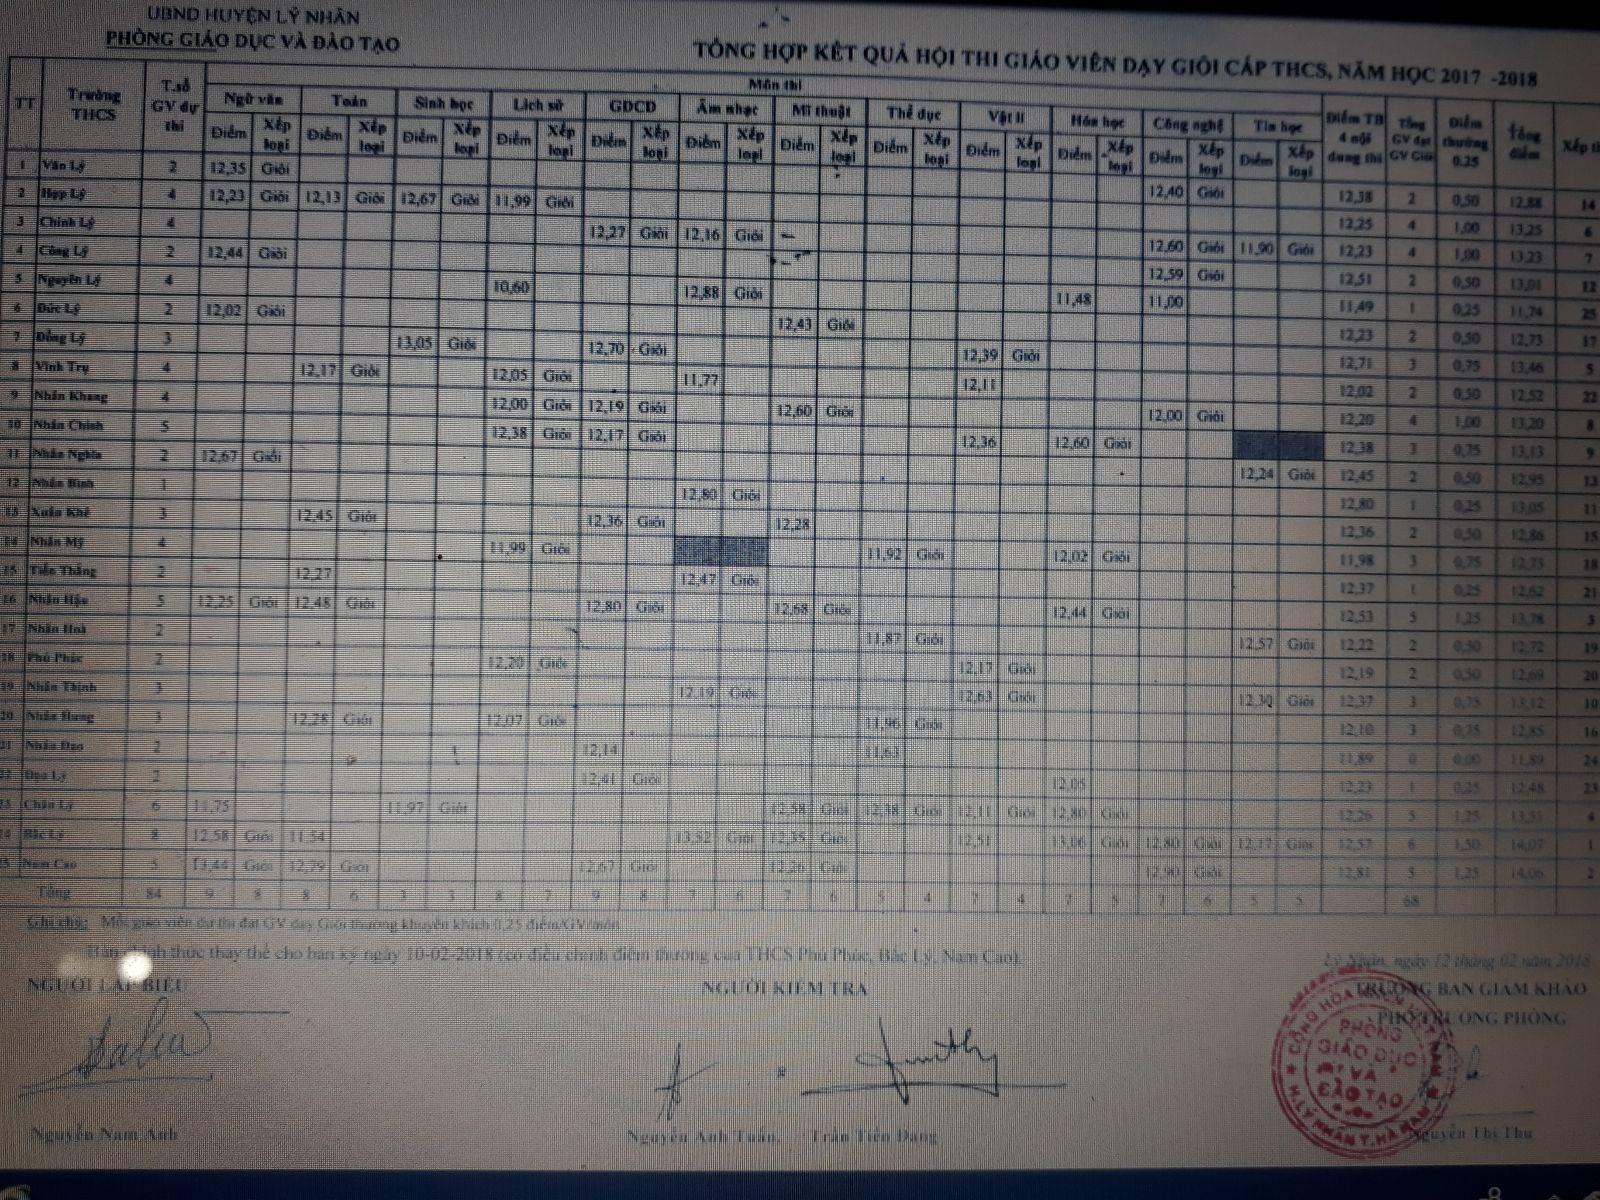 Kết quả thi GVDG cấp huyện , năm học 2017-2018